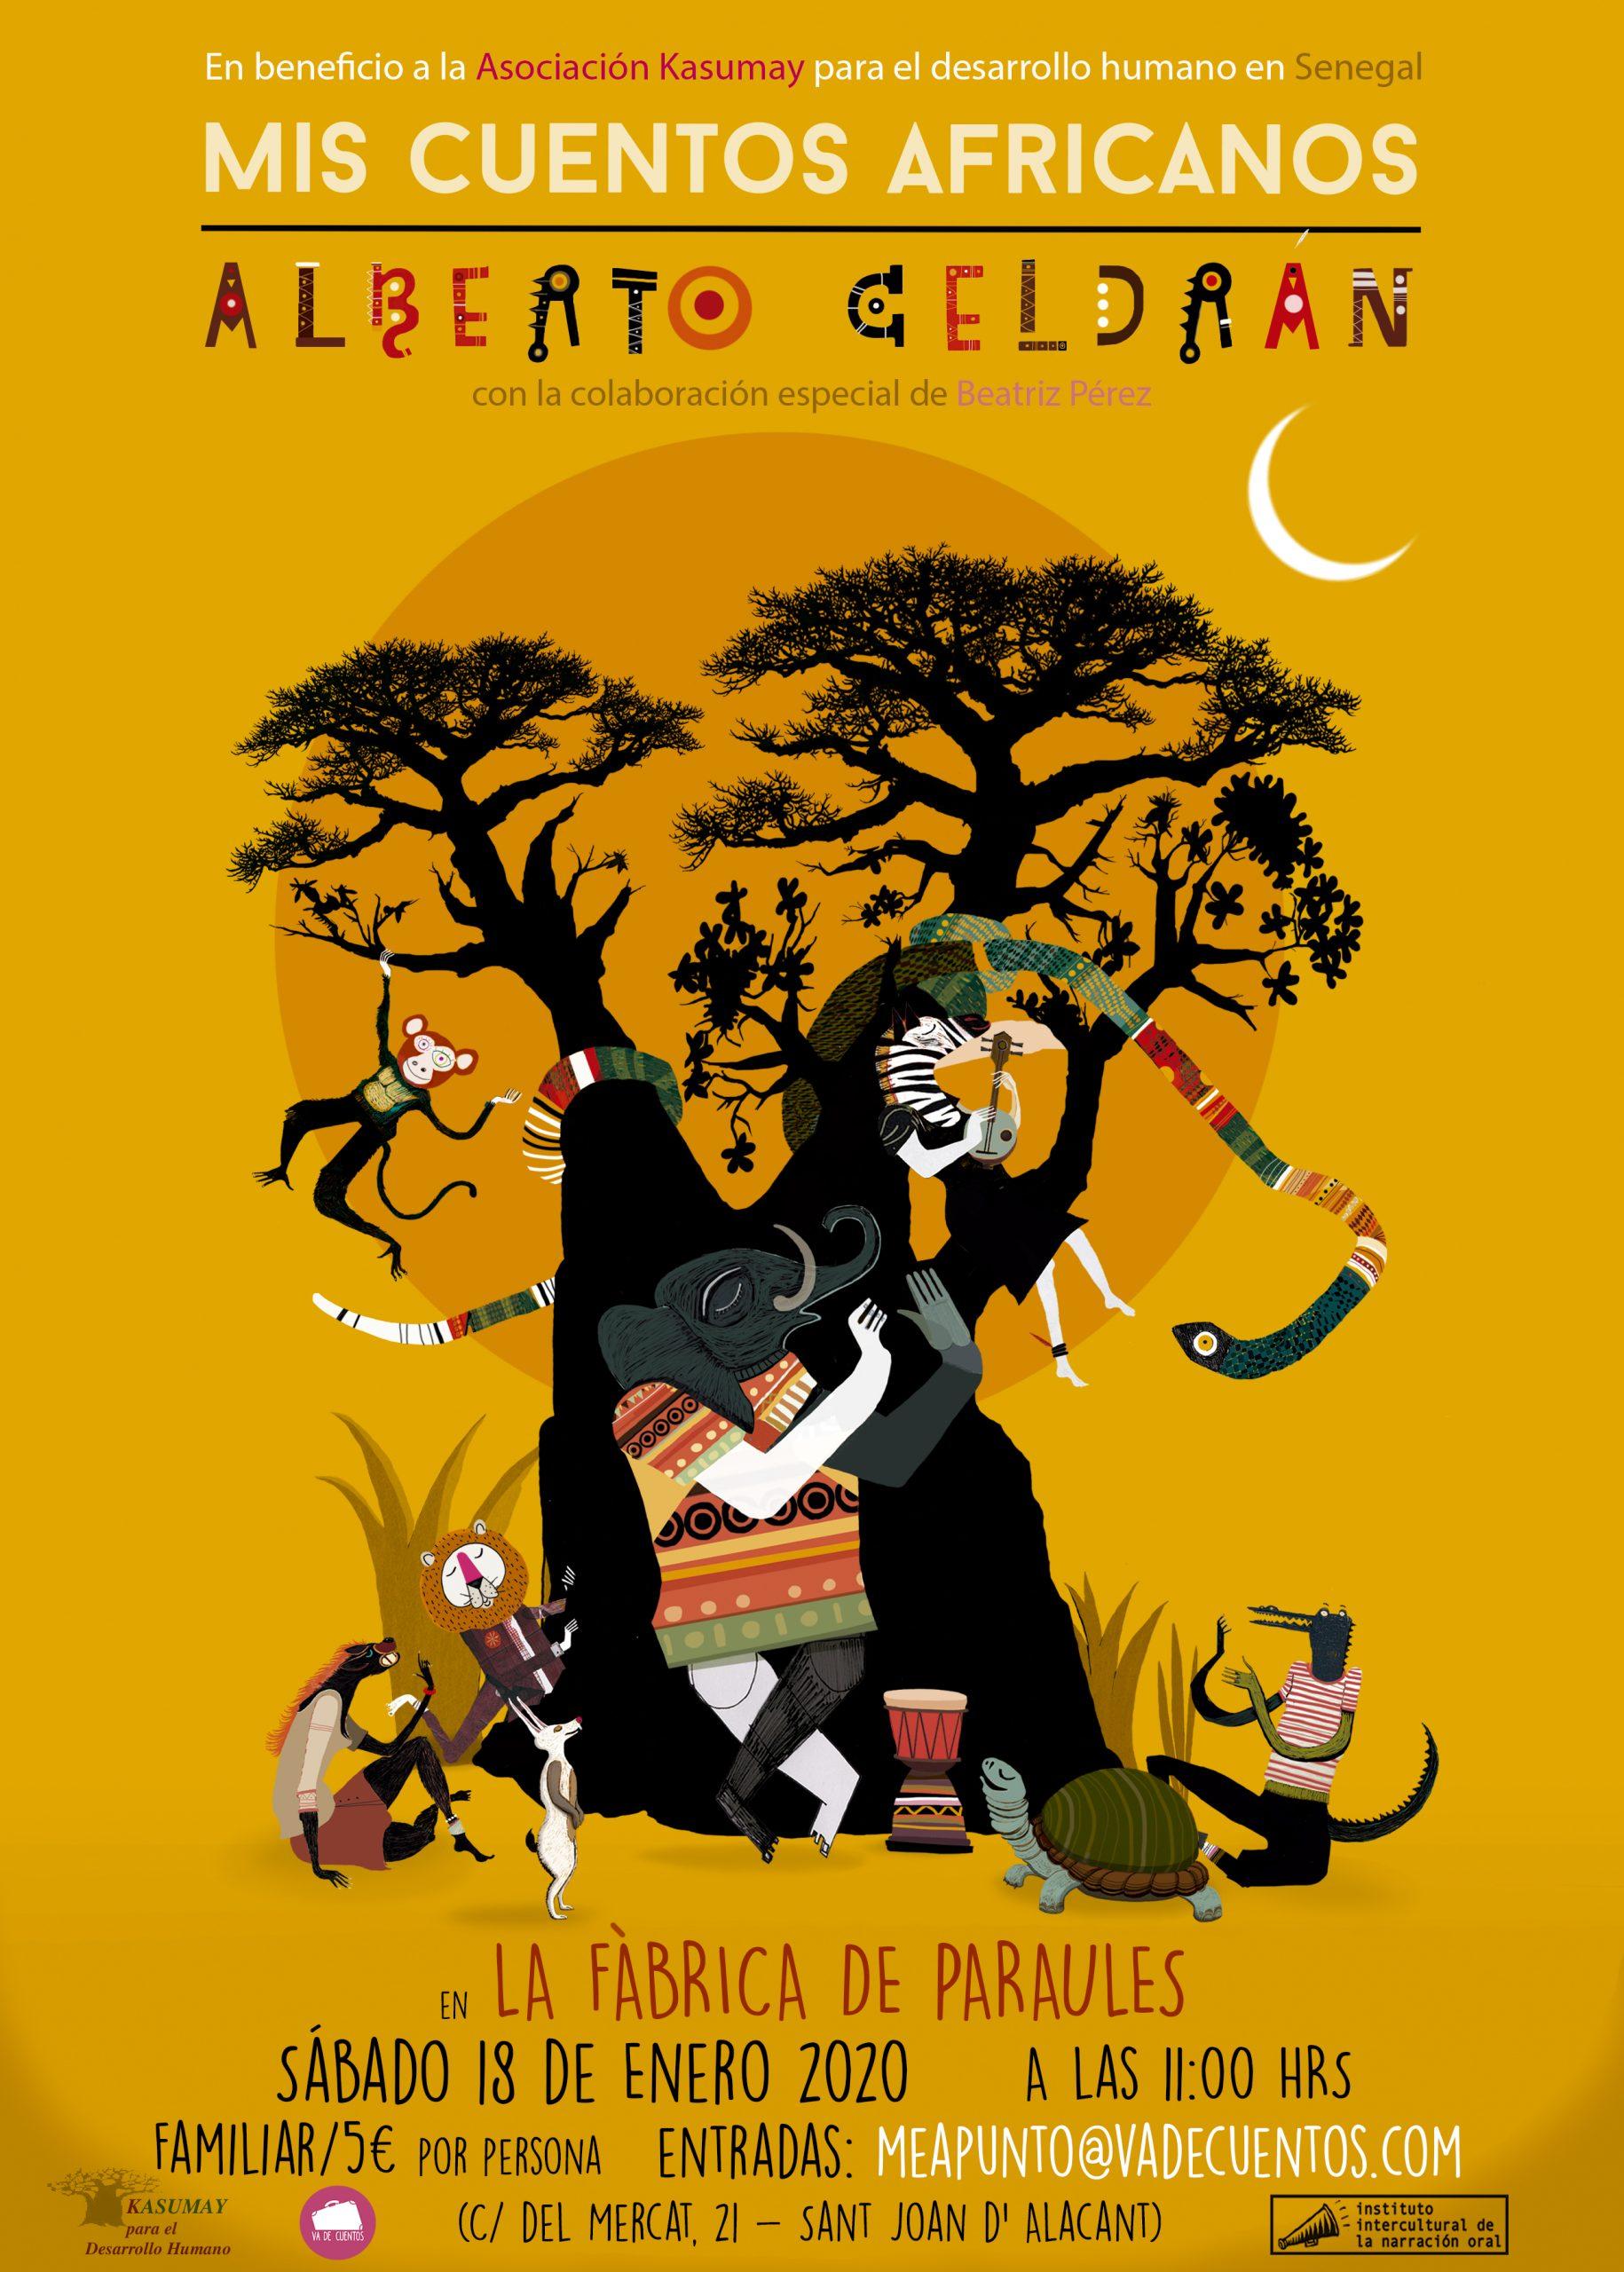 cuentos africanos con alberto celdrán